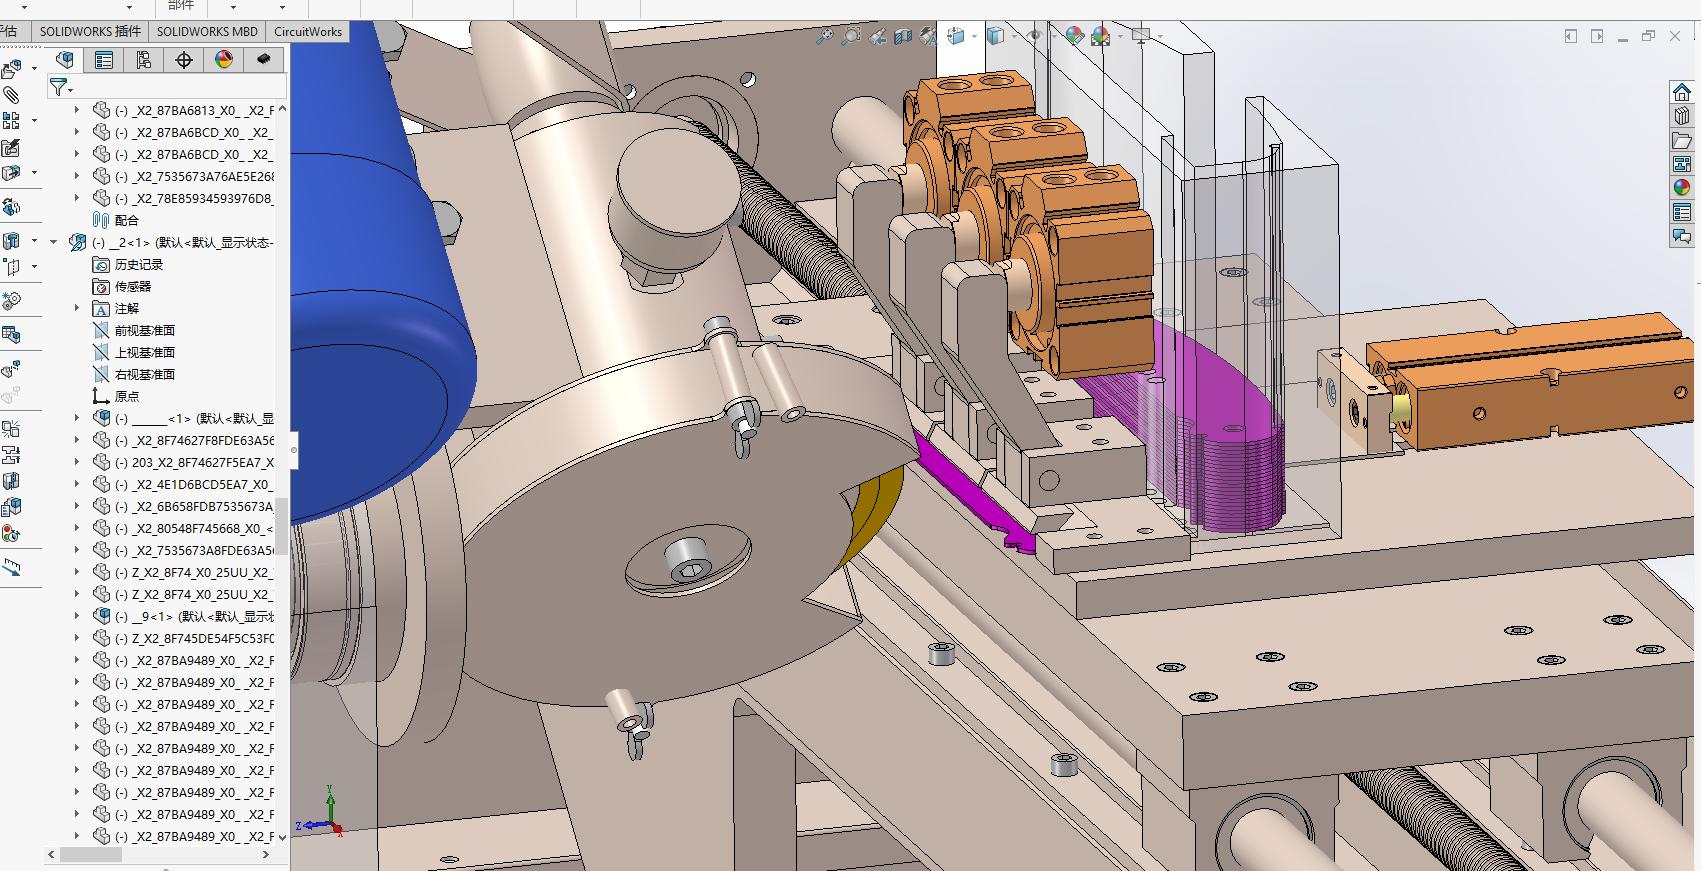 叶片磨削机(气缸推动自动送料)3D图纸 Solidworks设计